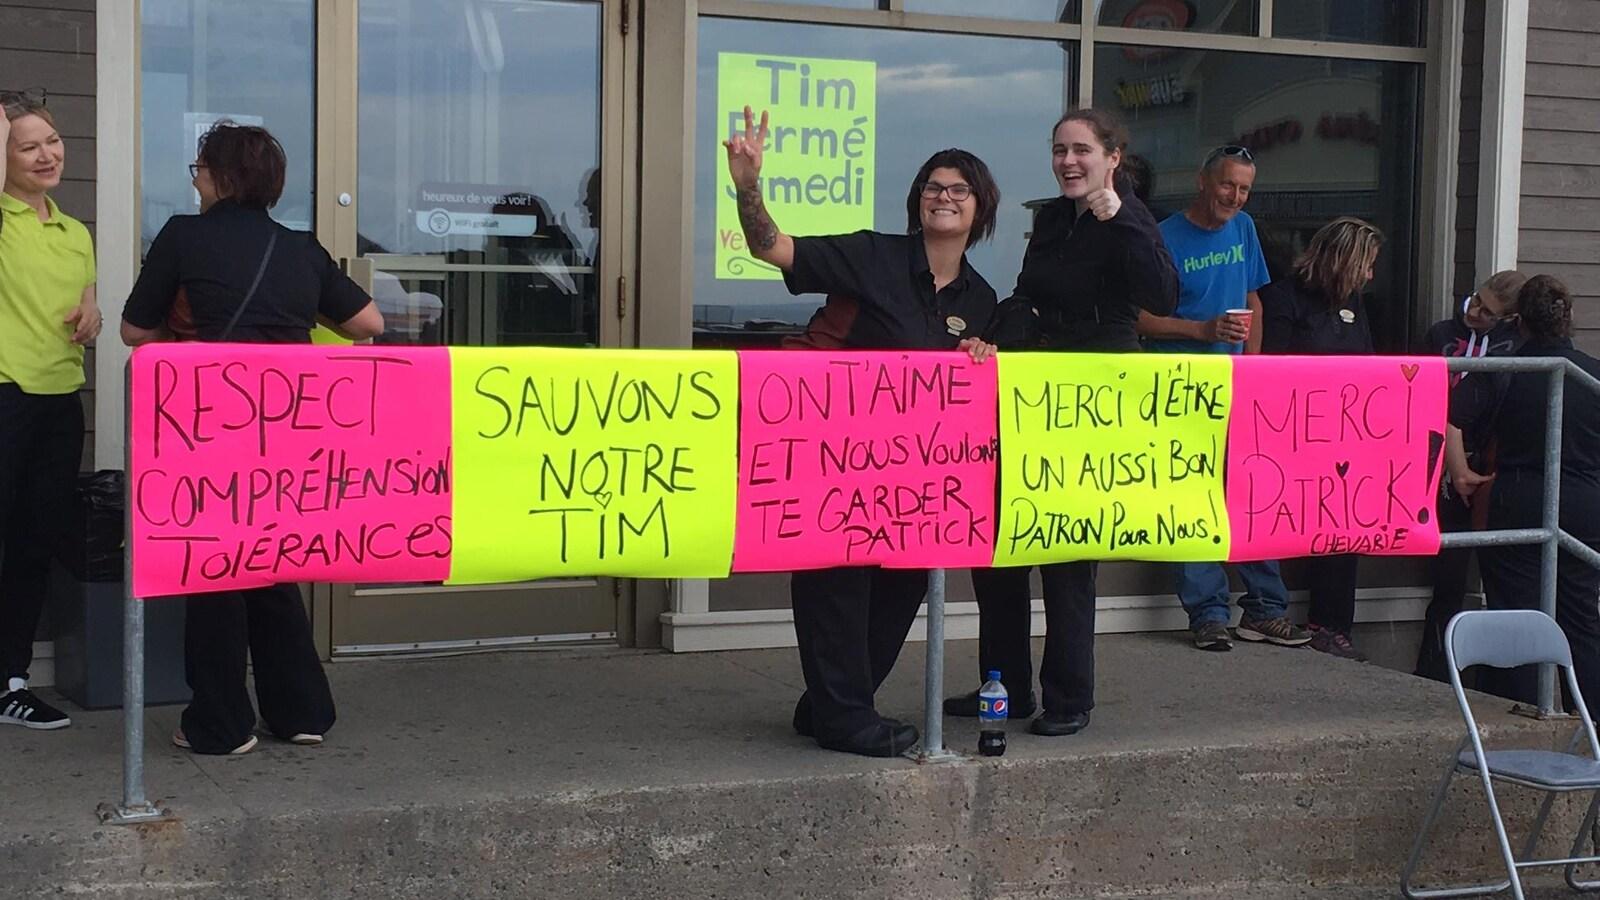 Les employés du restaurant Tim Hortons de Cap-aux-Meules ont voulu sensibiliser la population à l'importance du respect.